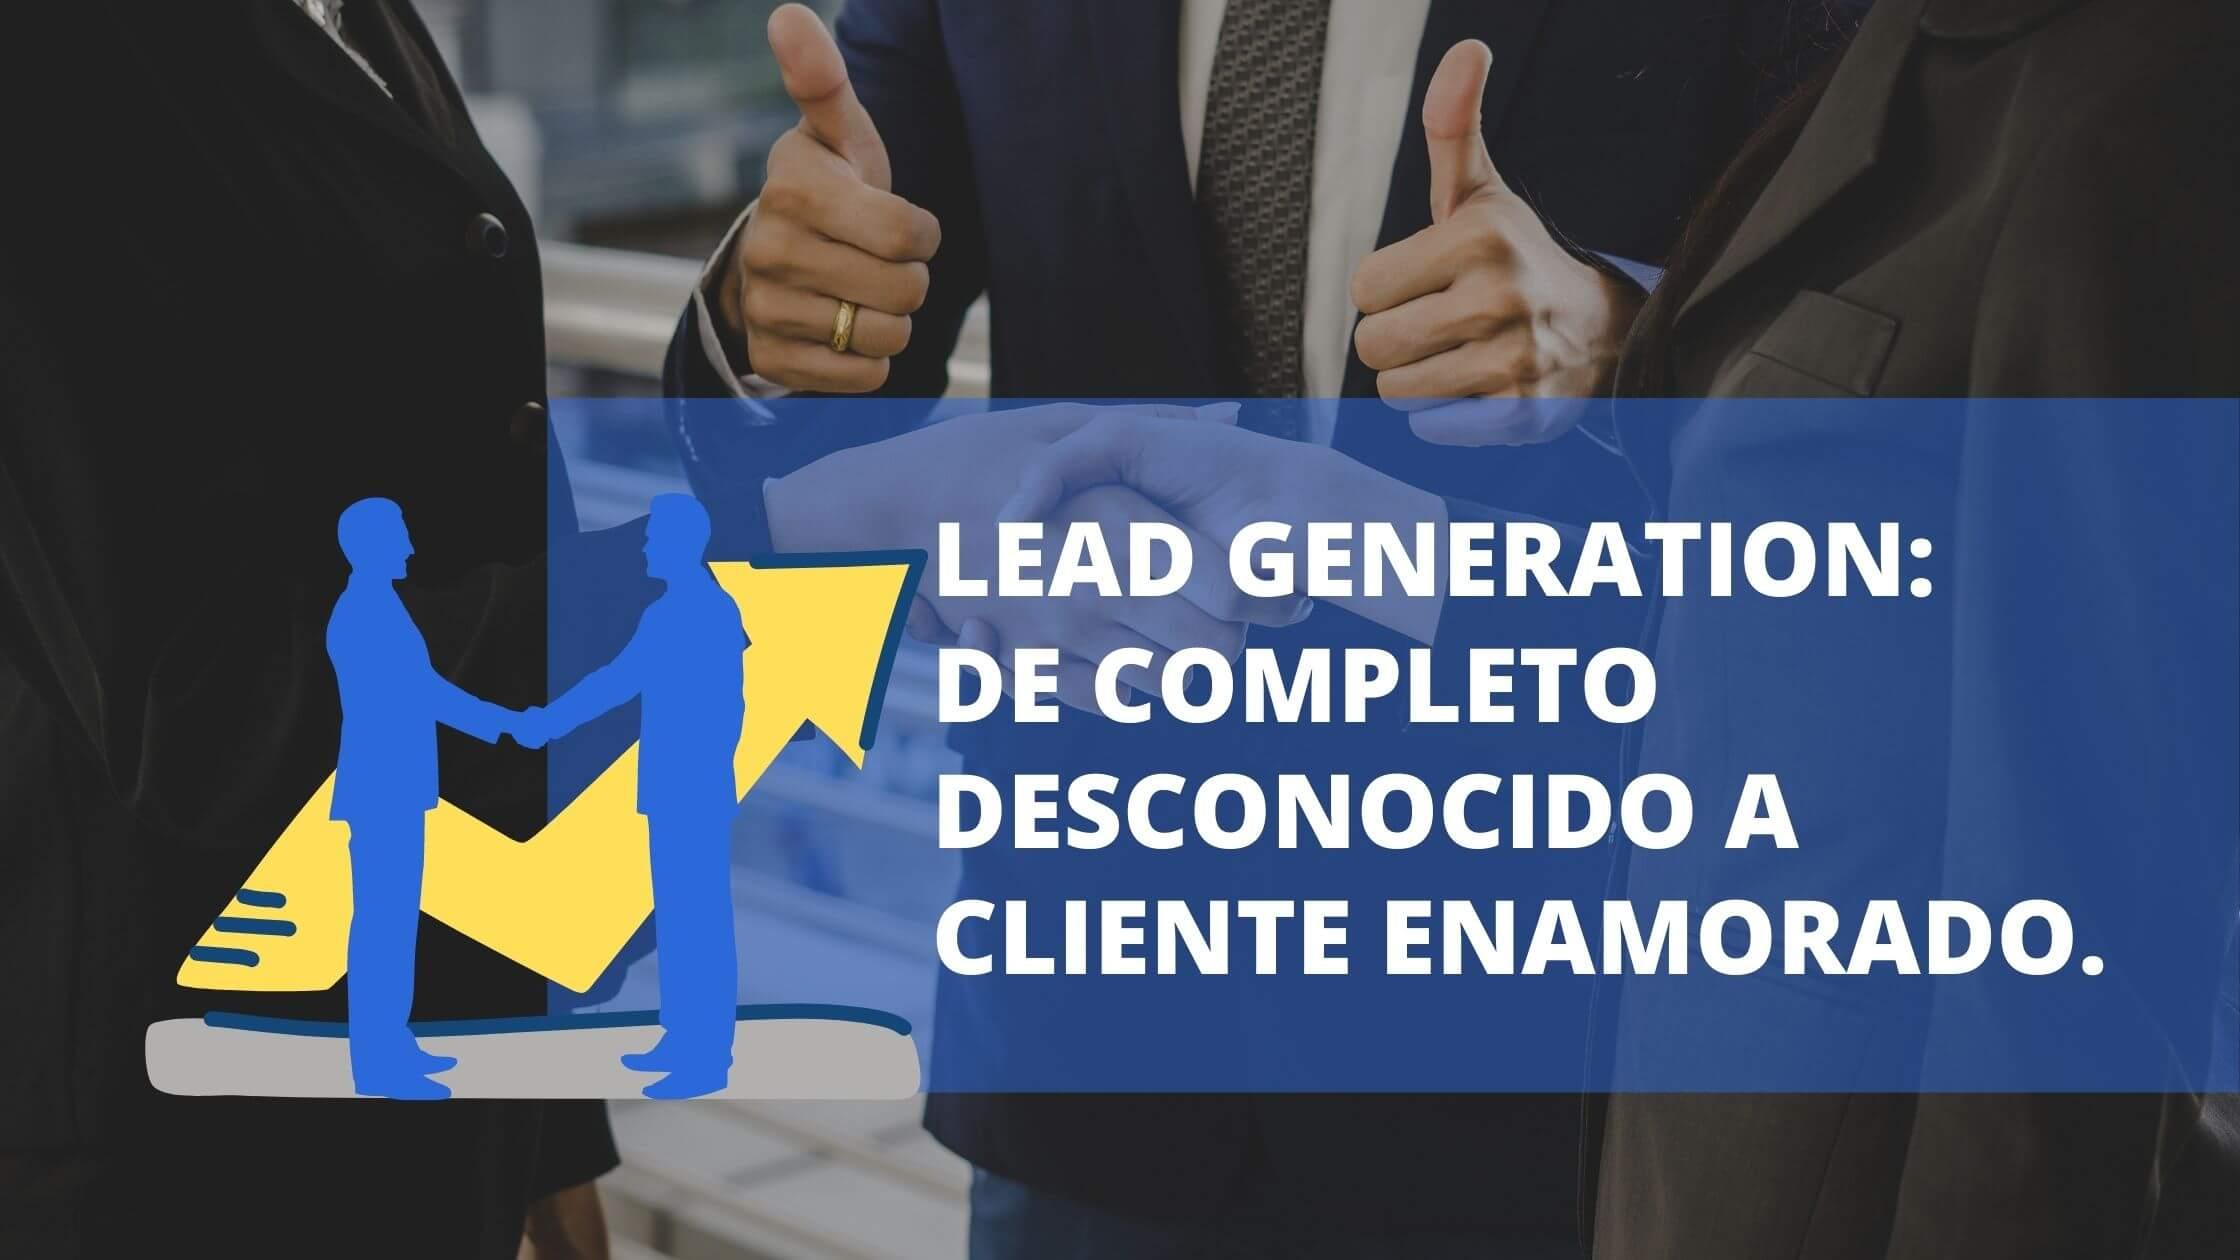 Lead Generation de completos desconocidos a cliente enamorado.